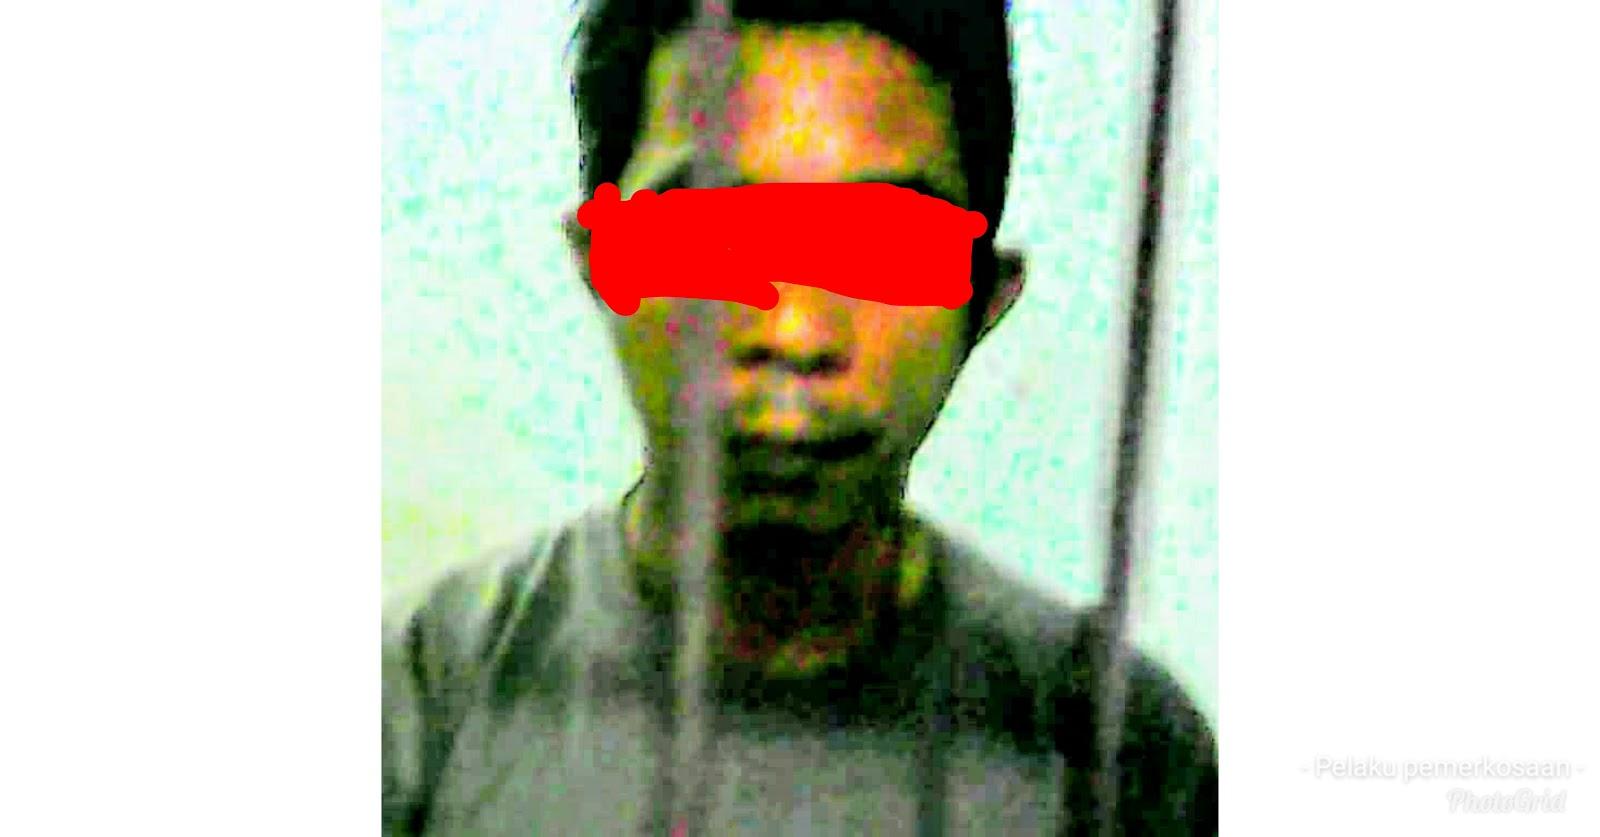 Polsek Beo Utara Amankan Rinto Pelaku Pemerkosaan Anak Tiri